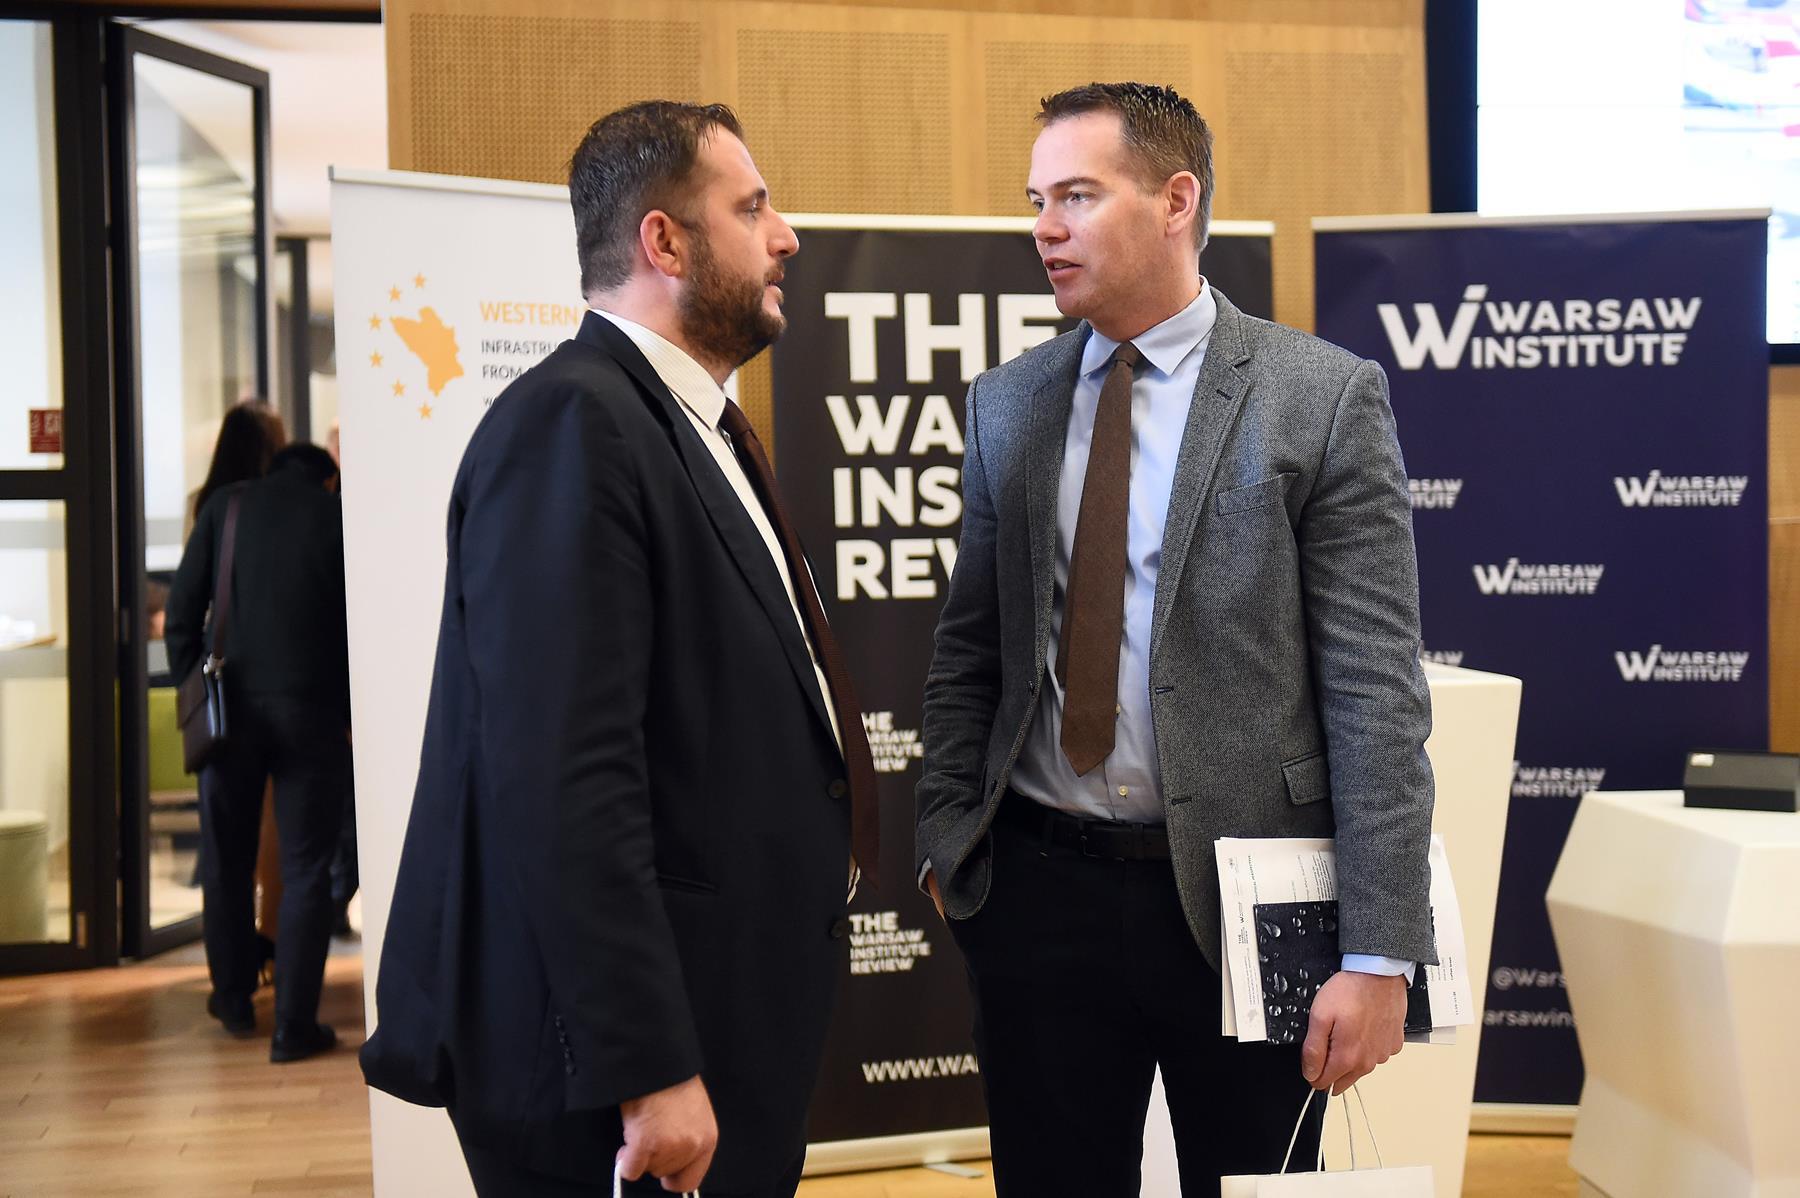 western balkans infrastructure energy geopolitics warsaw institute k9 12